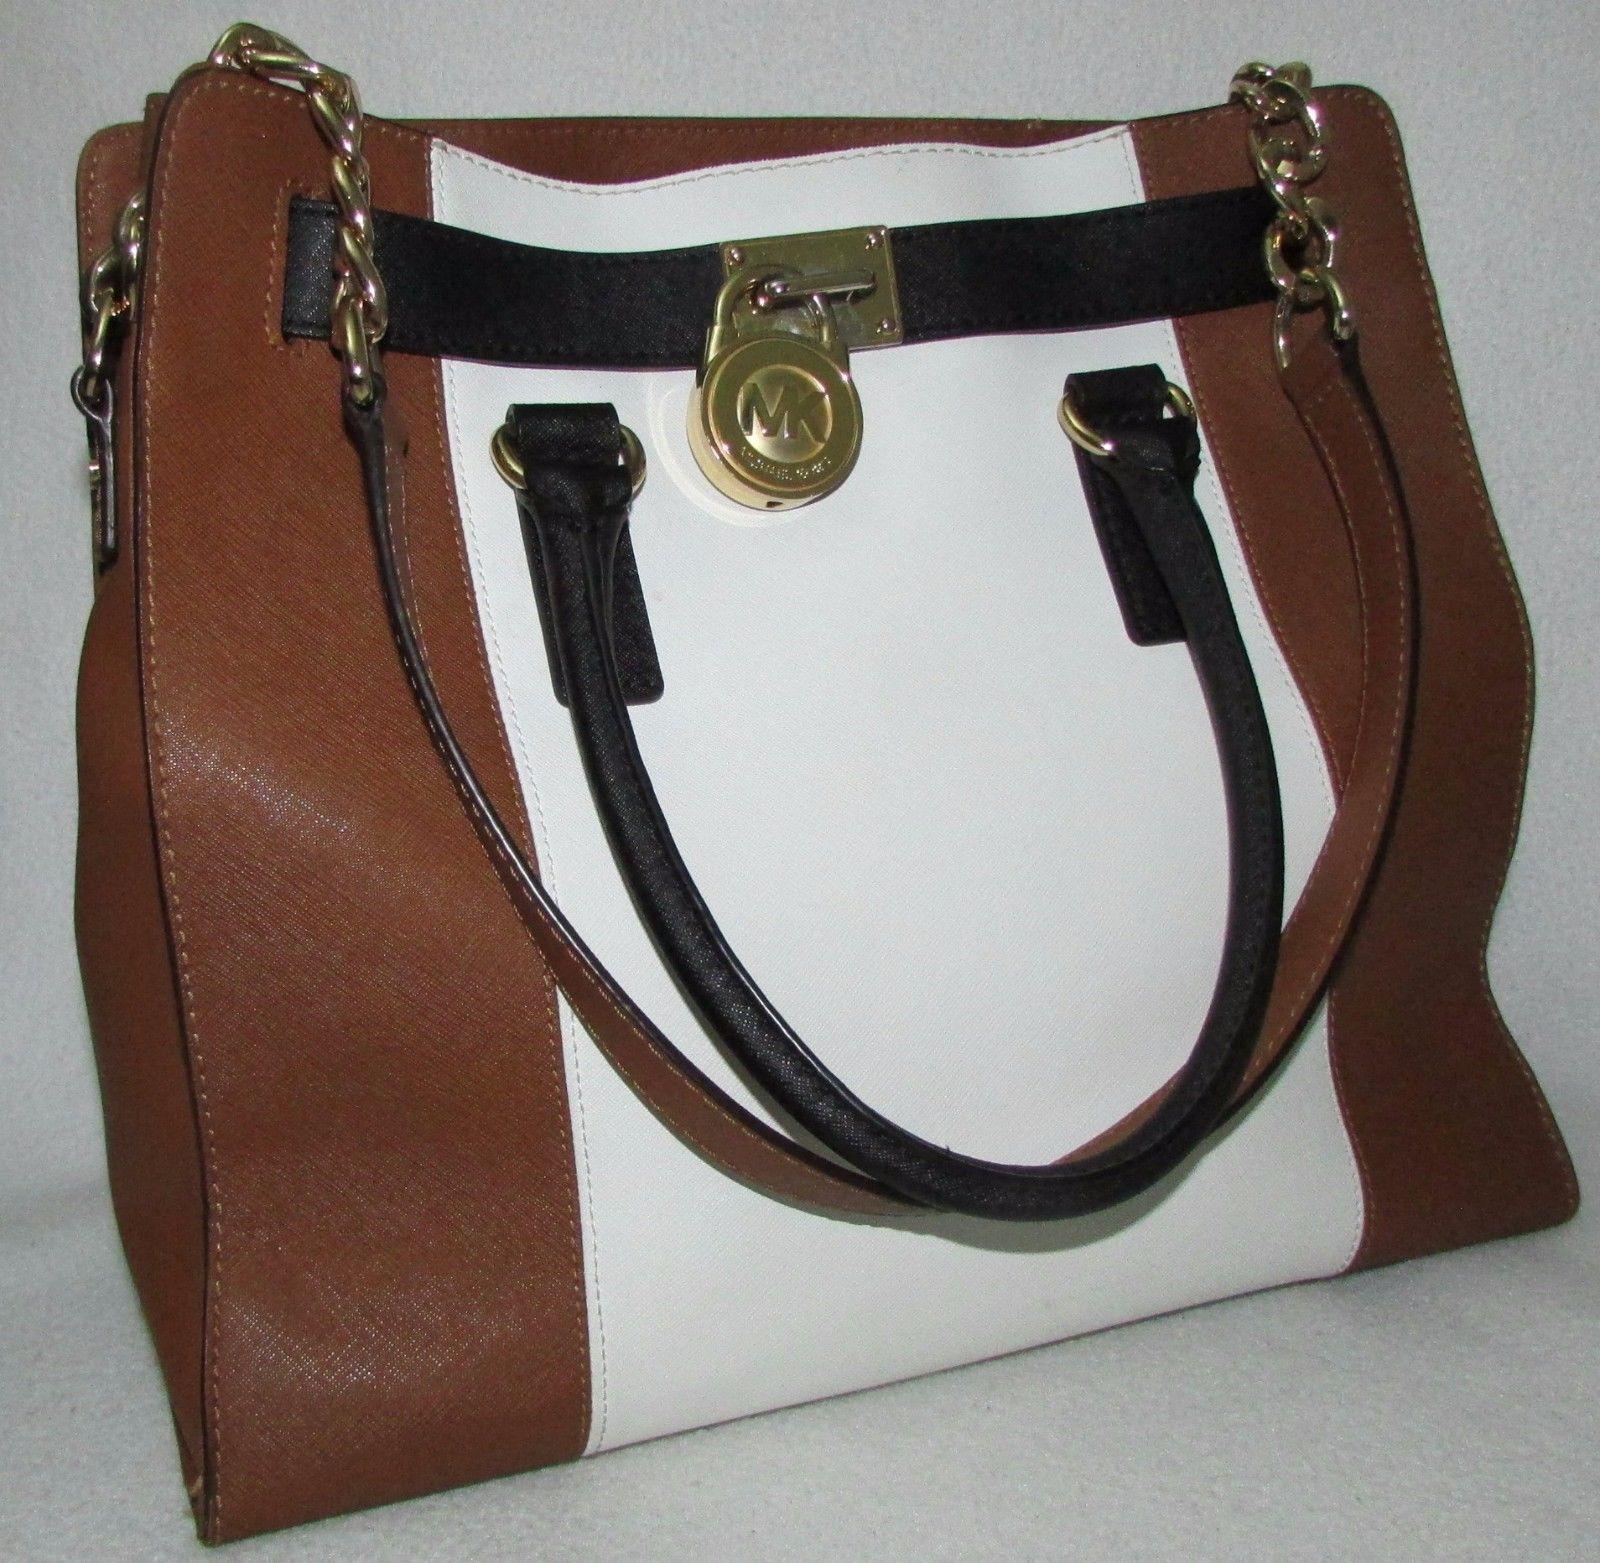 6347e27654ed MICHAEL KORS HAMILTON purse saffiano brown black white chain tote handbag   76.0